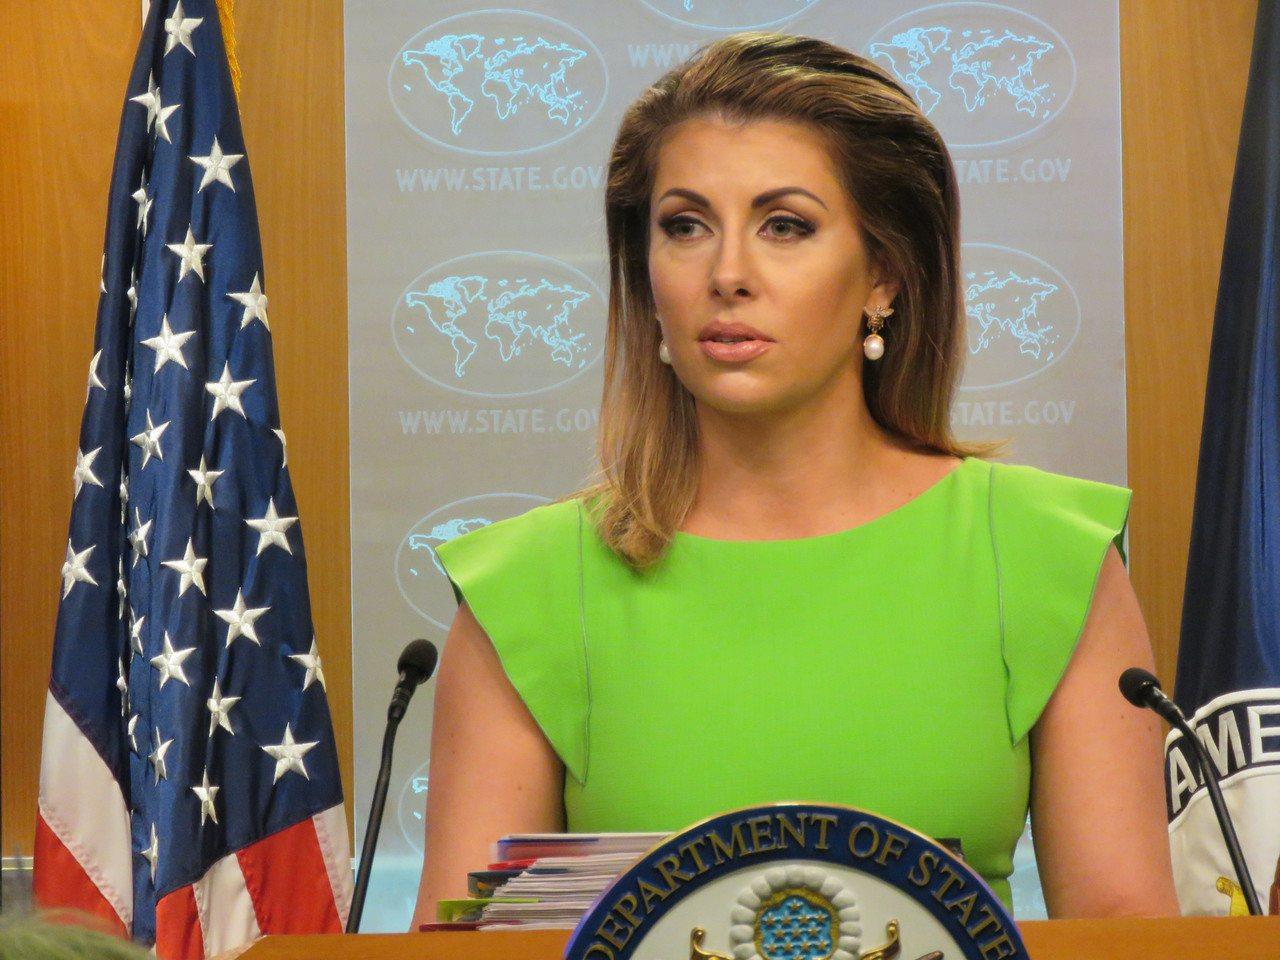 美國國務院發言人歐塔加斯。本報資料照片